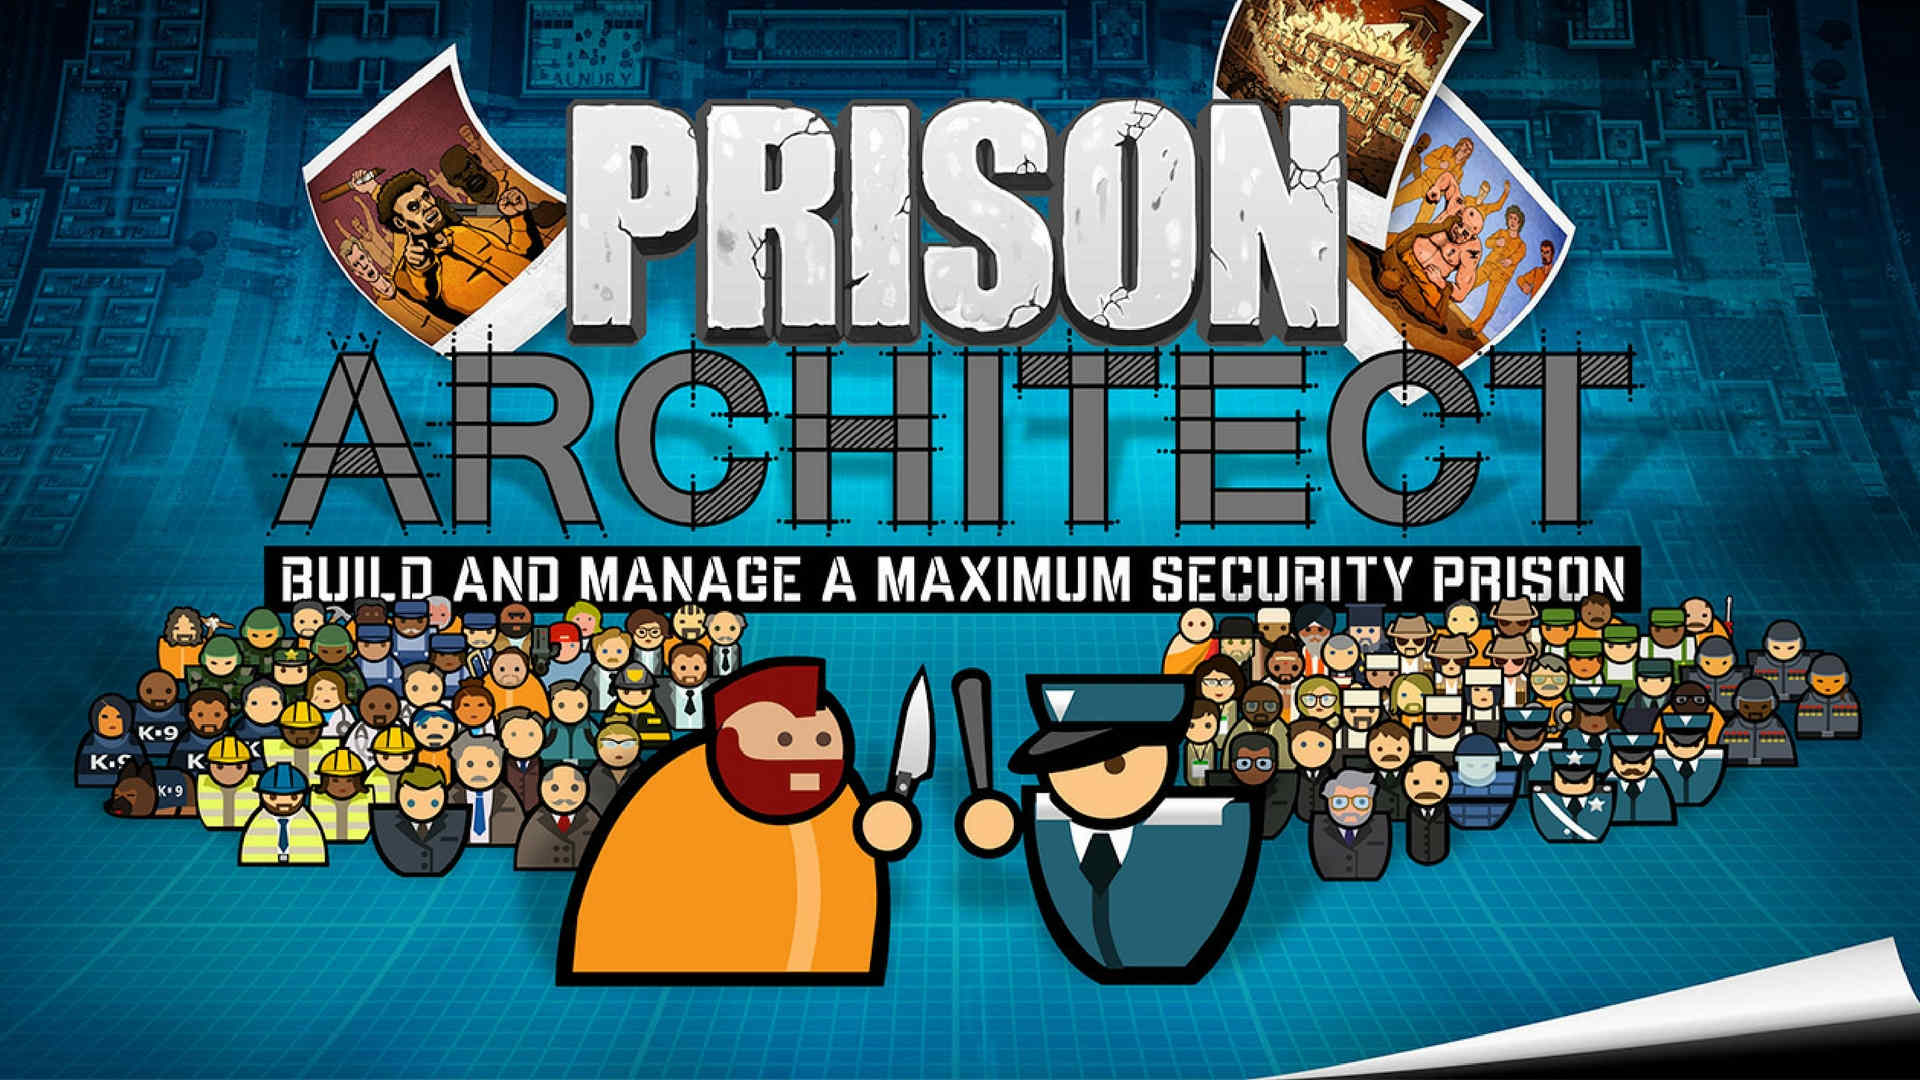 معمار زندان، یک بازی که توسط شرکت اینترُوِرژن سافتوِر[27] تولید شده است و بازیکننده را دعوت میکند تا زندانی کردن تعداد زیادی از افراد جامعه را ارزیابی کنند